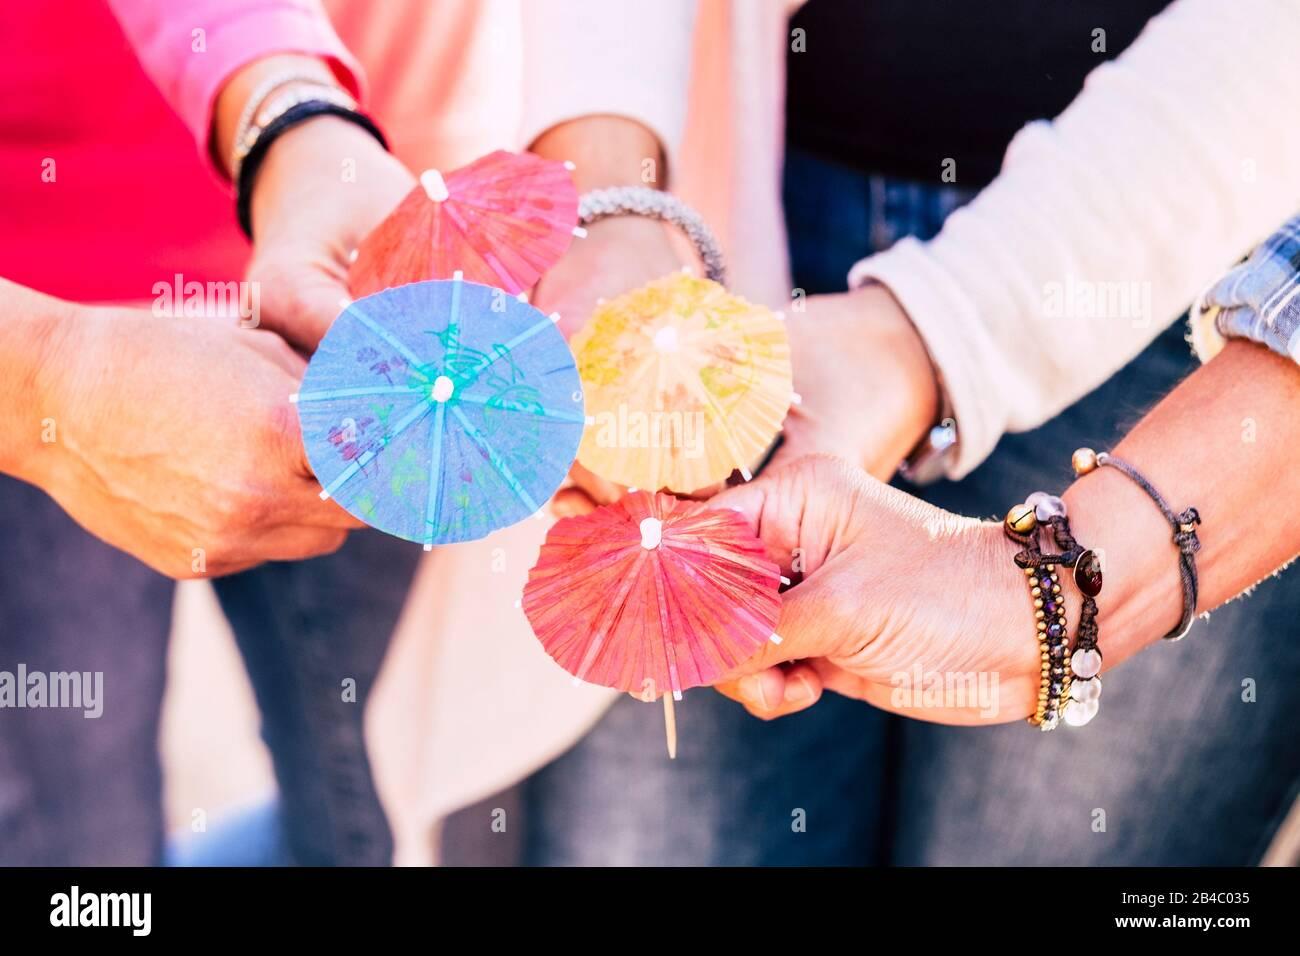 Nahaufnahme mit einer Gruppe von Menschen halten und vier cocktail Schirme zusammen angezeigt - Freundschaft und Zusammenarbeit im Team feiern Konzept Lebensstil Stockfoto